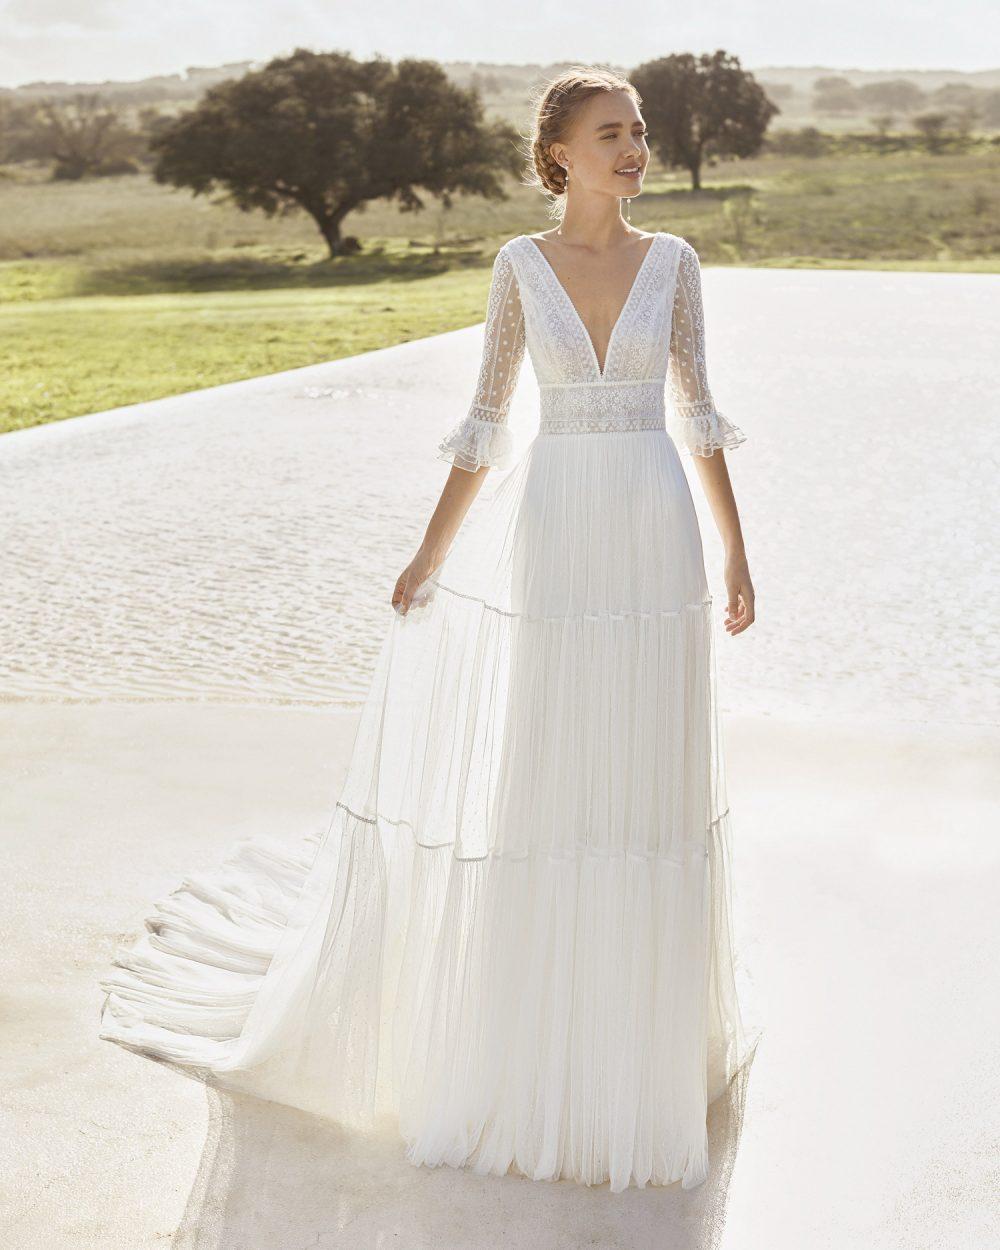 Mariages: abito da sposa Rosa Clarà 2021 a Vicenza, Verona, Padova, Veneto 5E122 APOLO